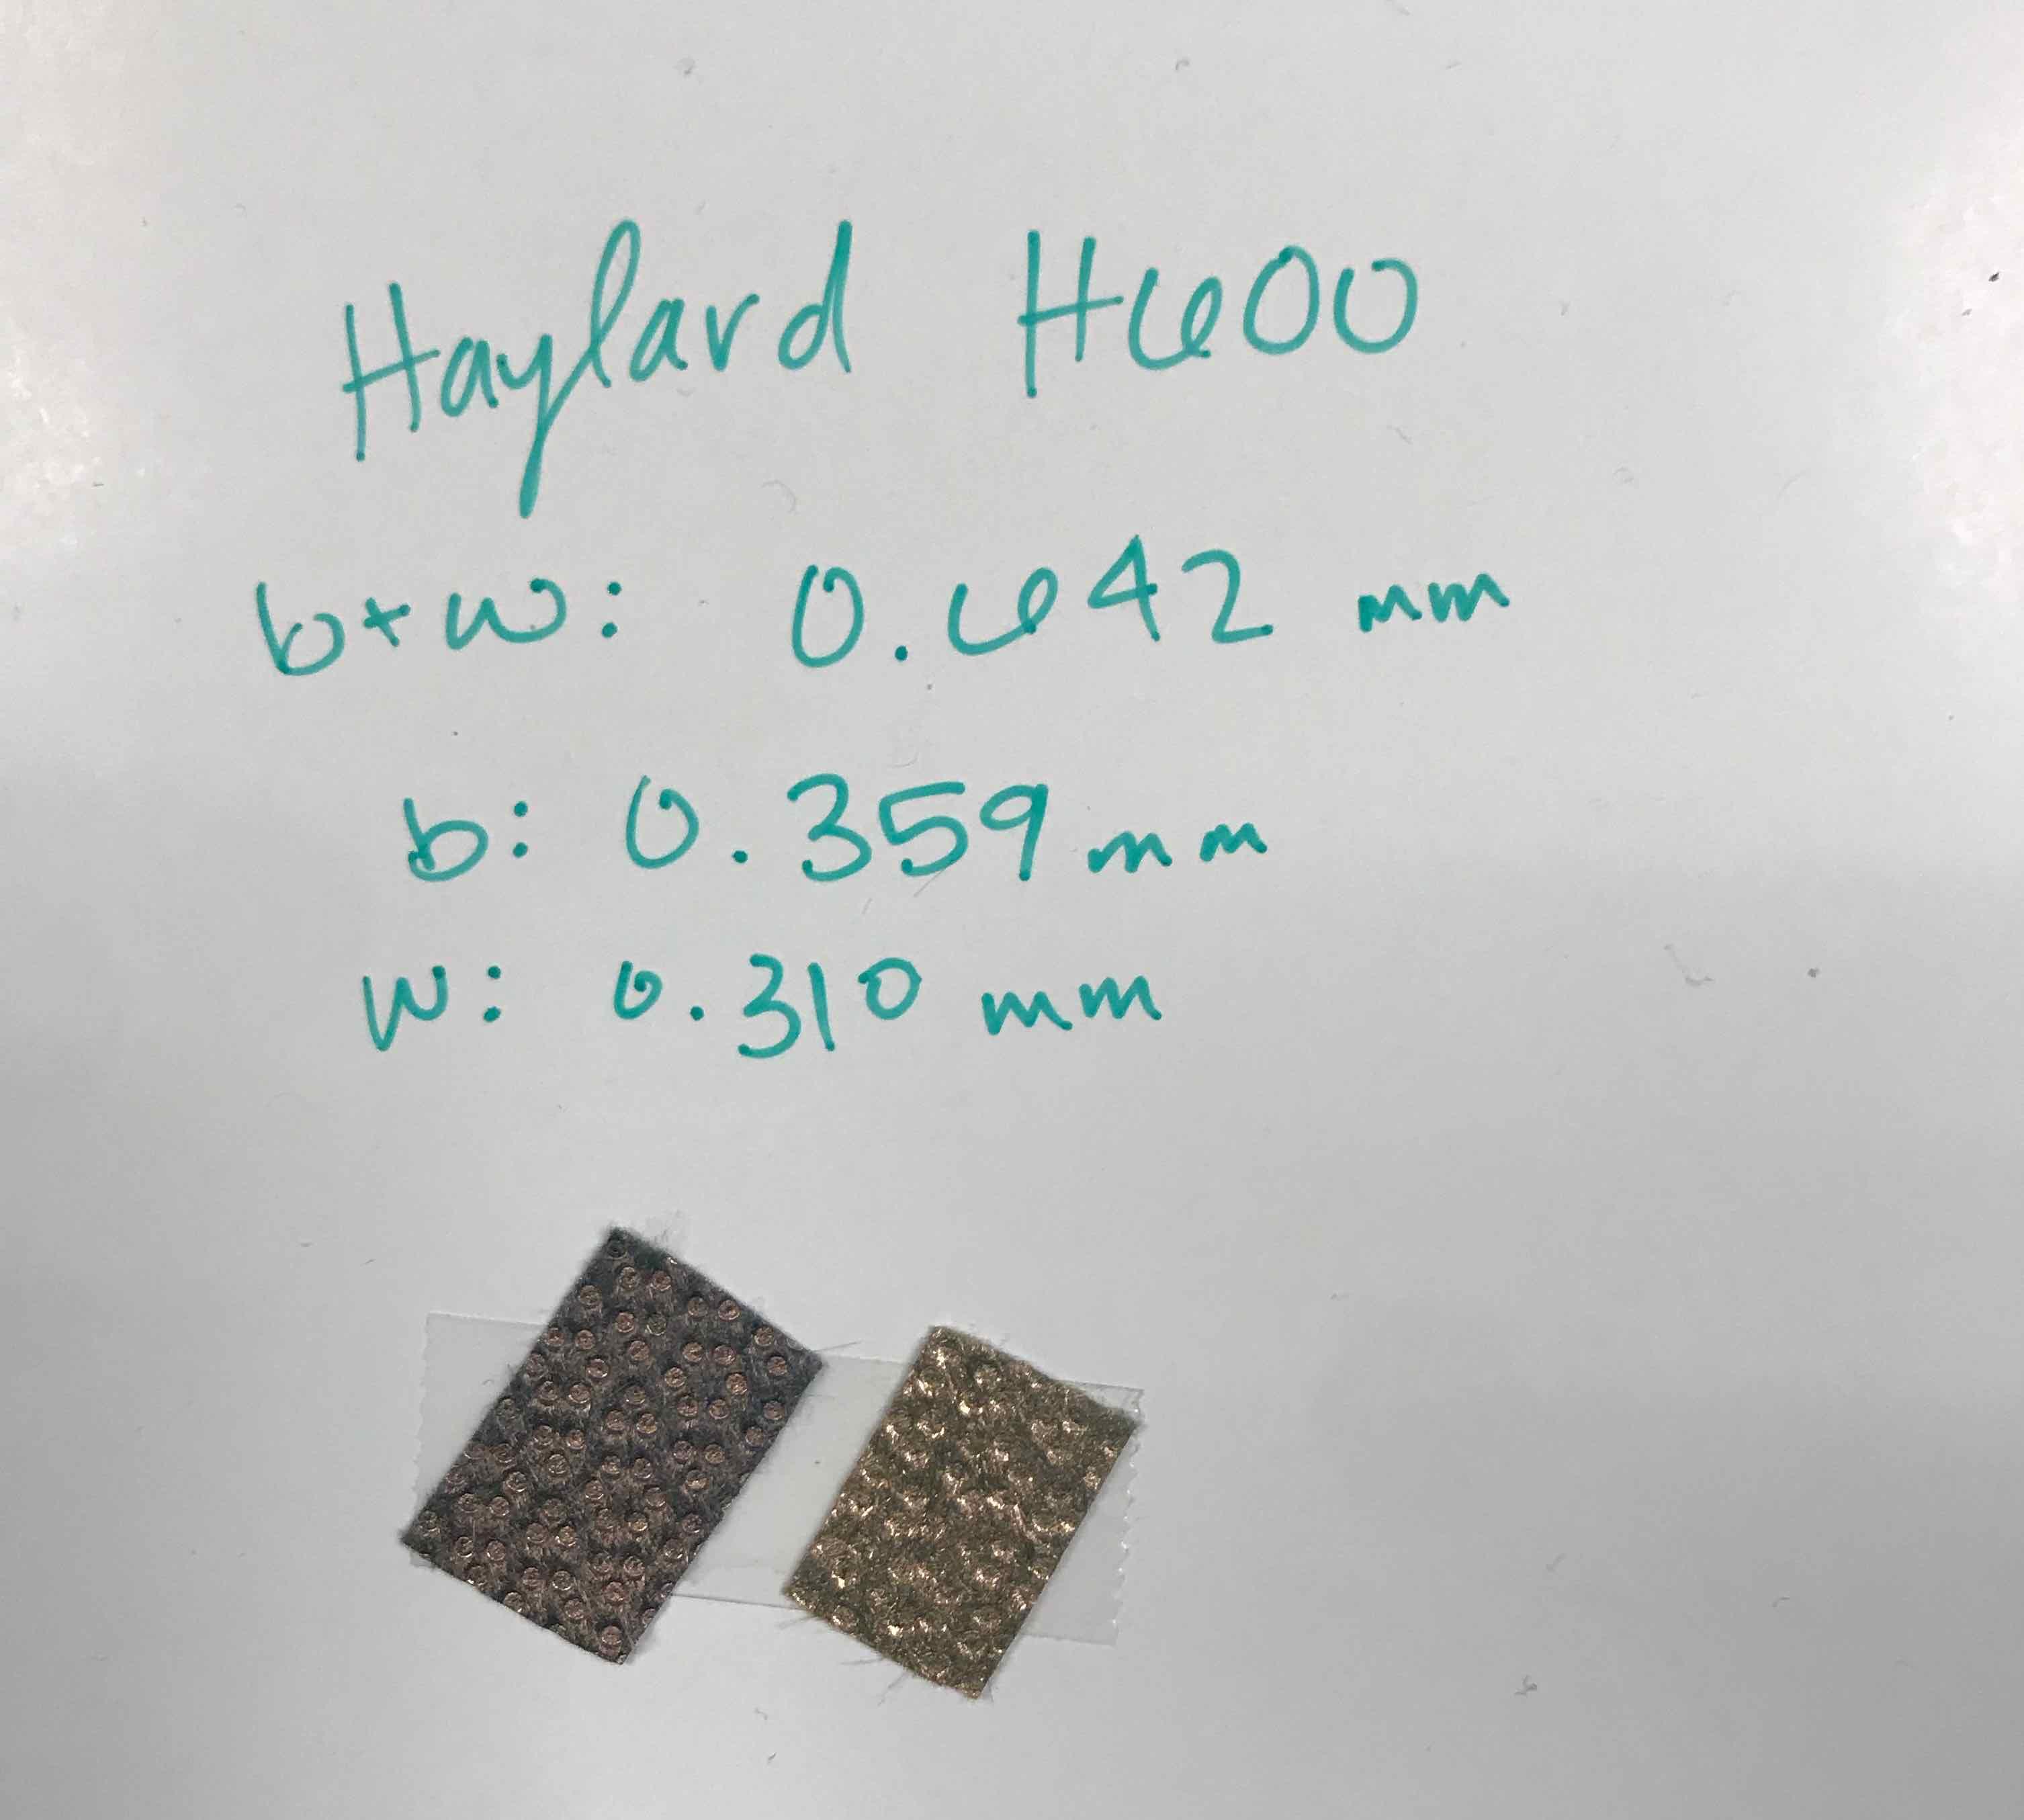 materials/HaylardH600/IMG_4033.jpg